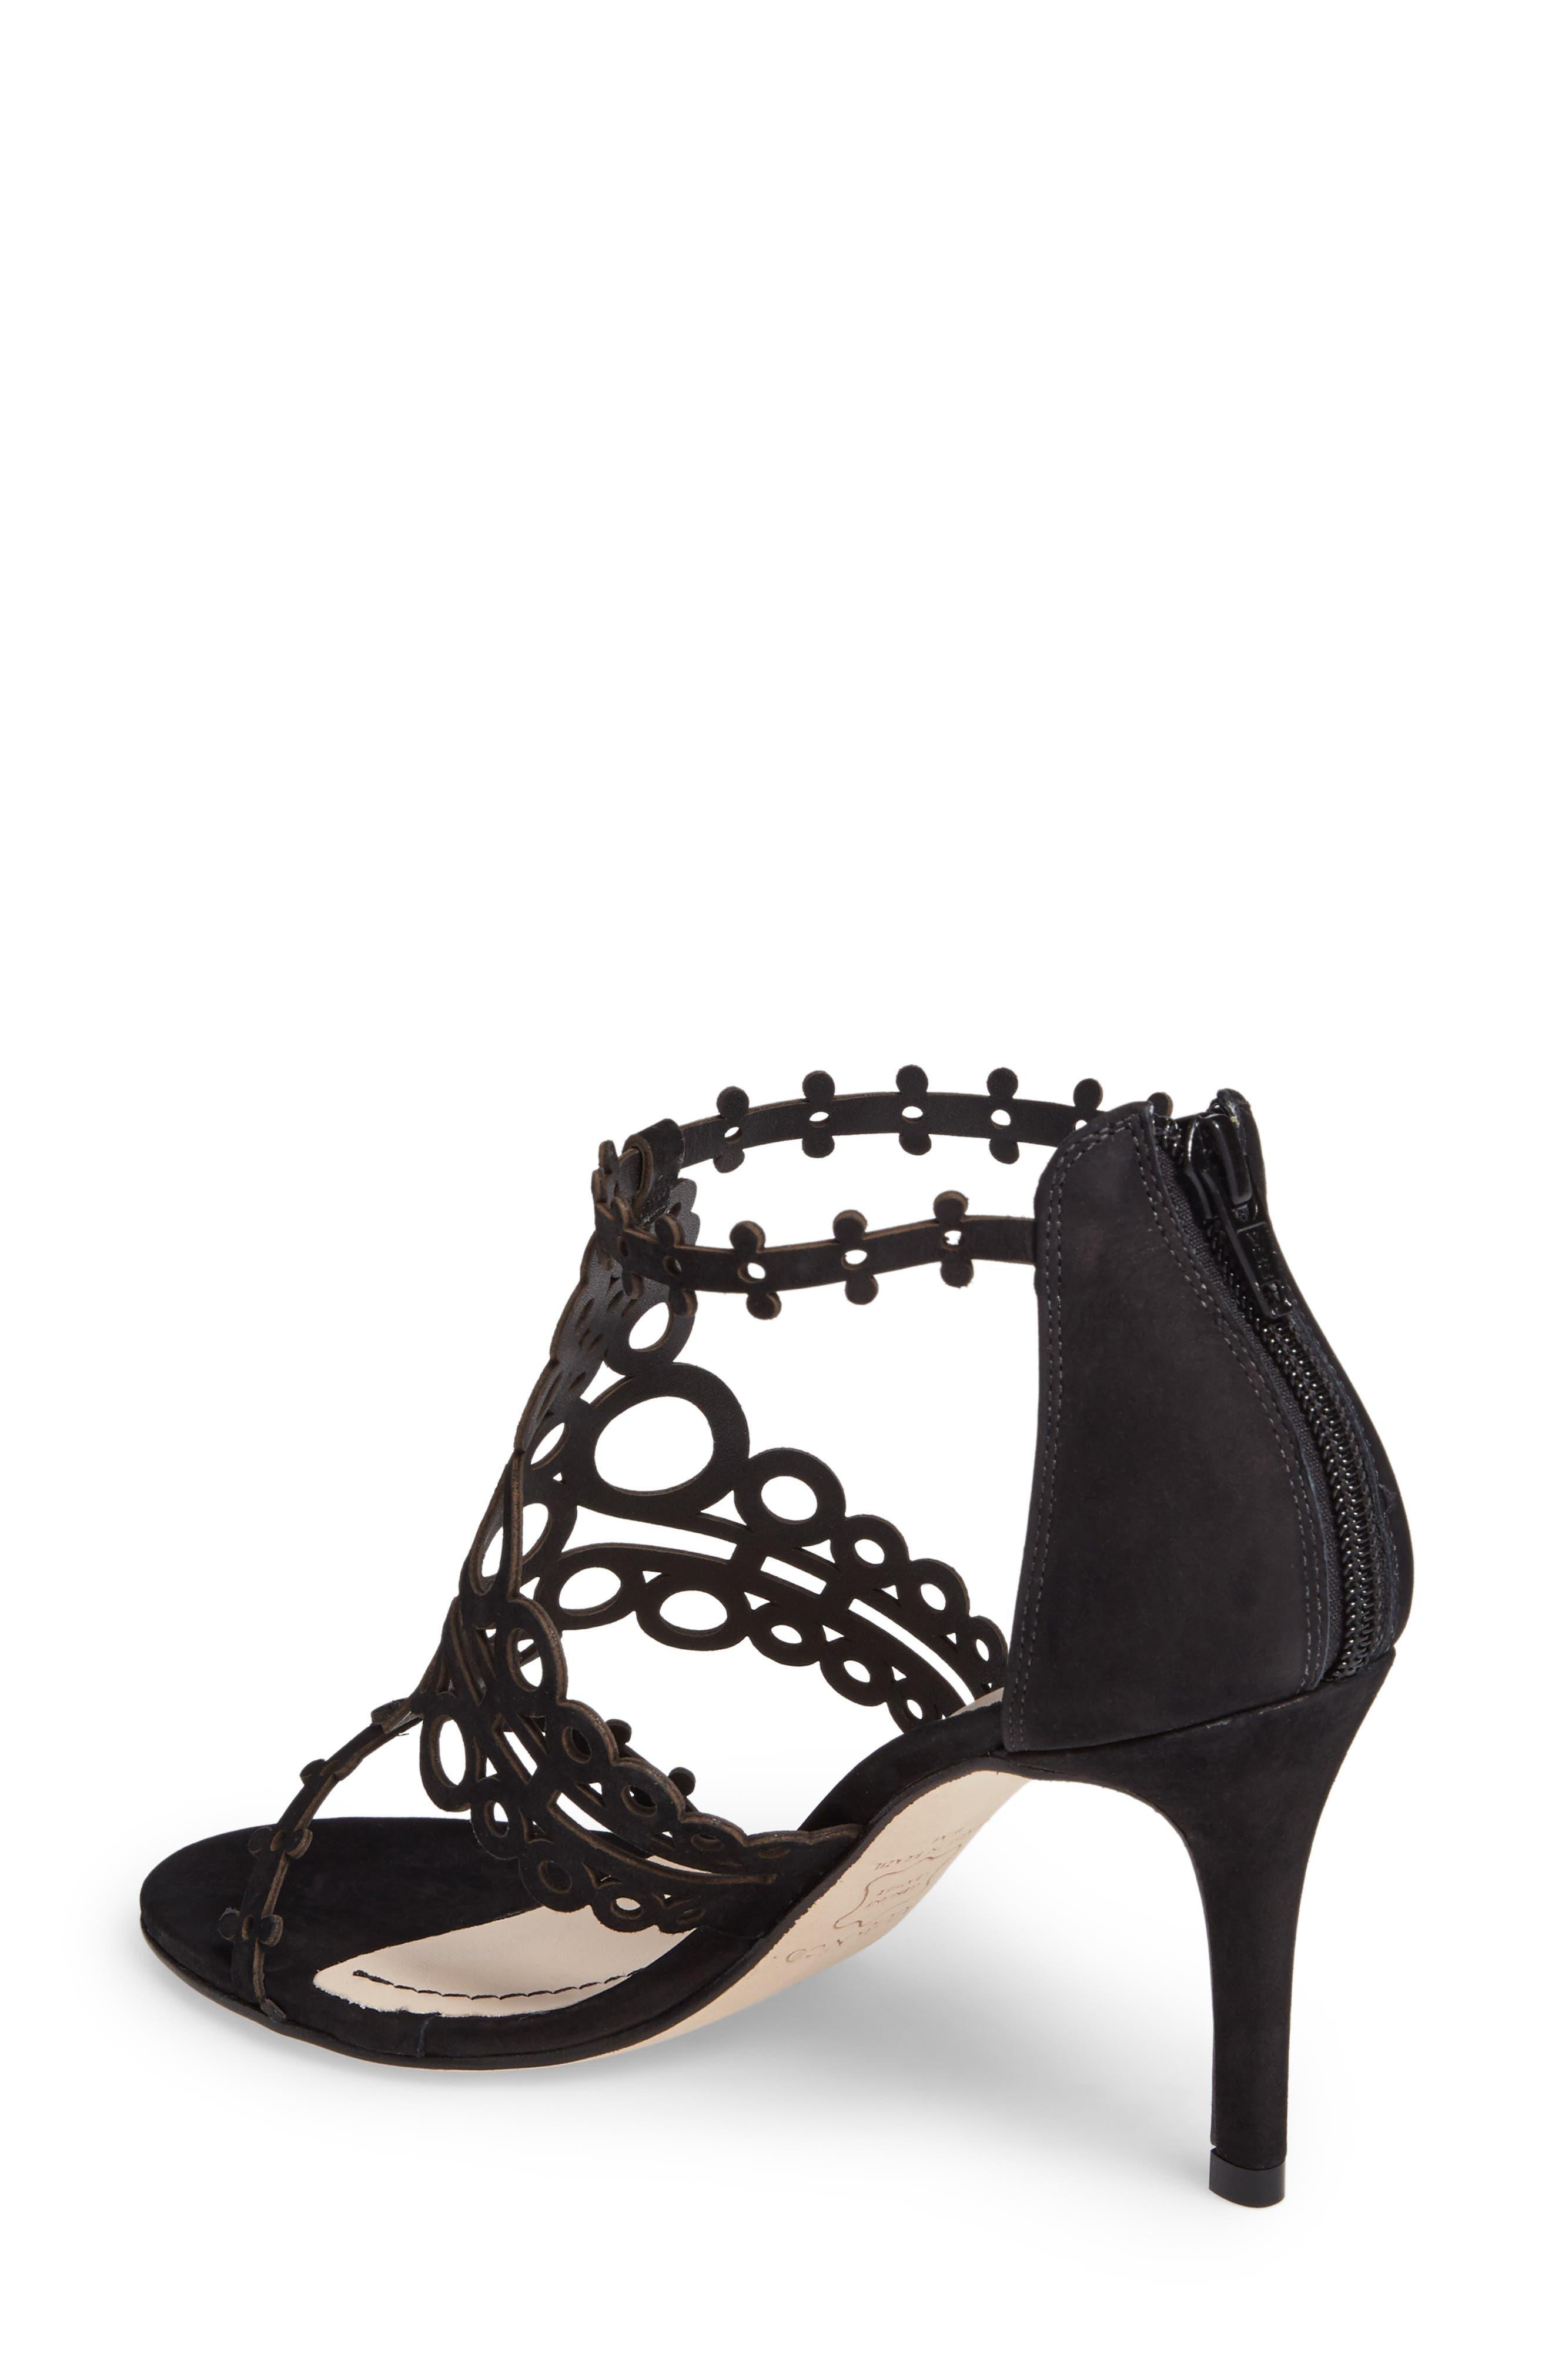 Alternate Image 2  - Klub Nico 'Antonia' Laser Cut T-Strap Sandal (Women)